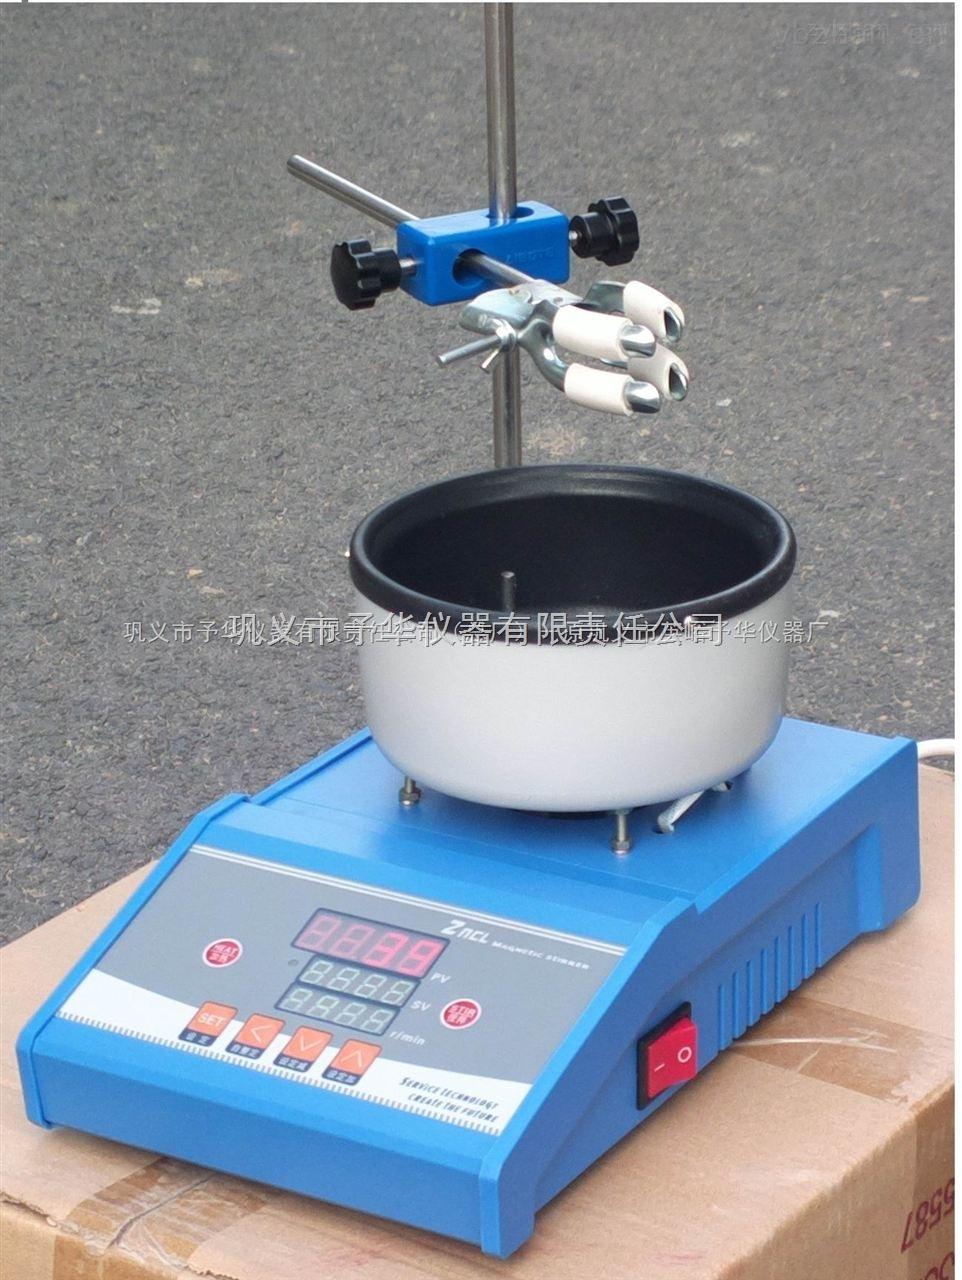 ZNCL-GS-智能數顯大功率磁力攪拌加熱鍋批發價格